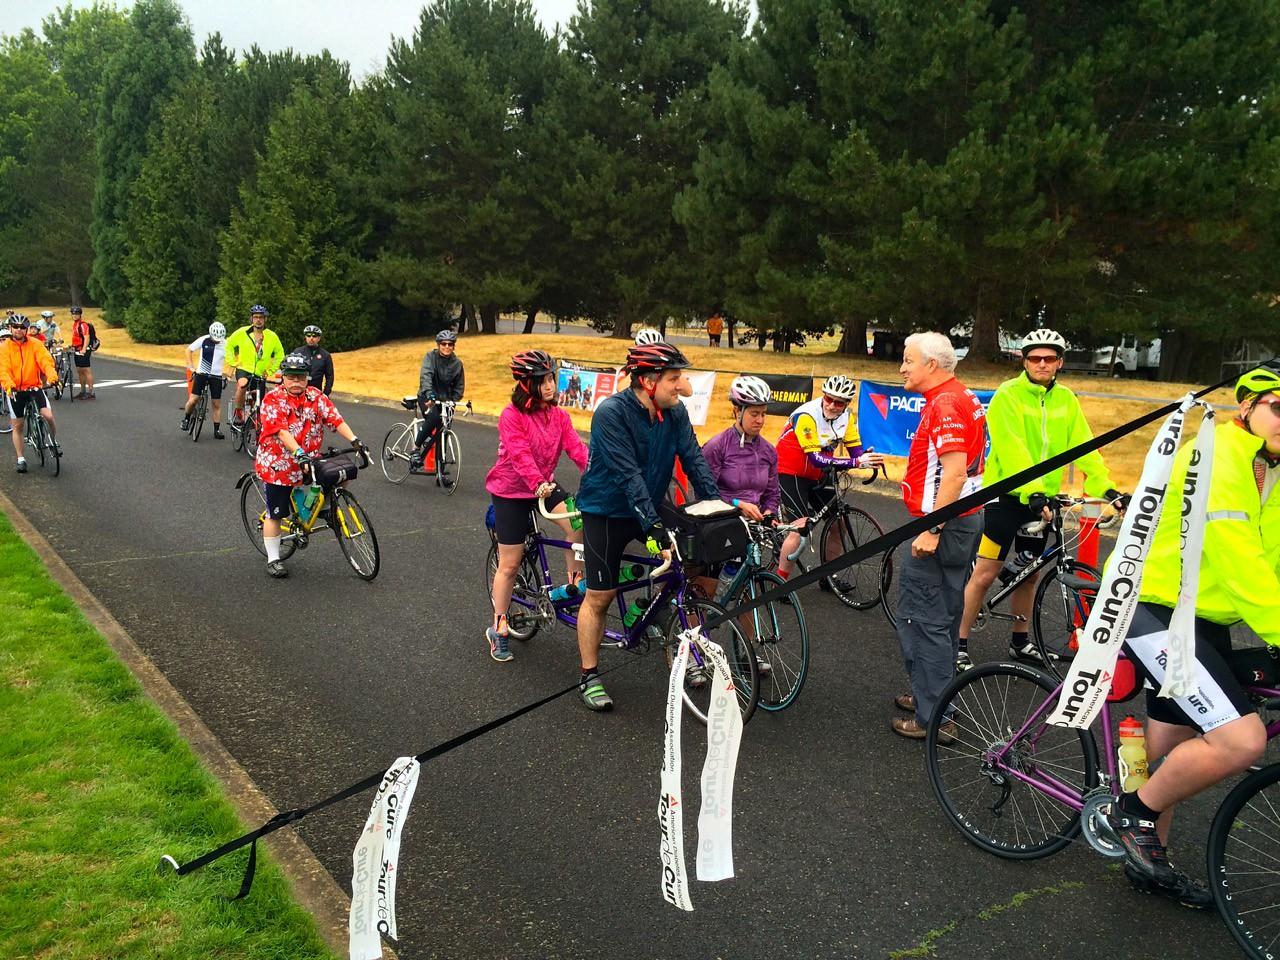 2015 Tour de Cure Oregon, Amberglen Park, Hillsboro.<br /> The Metric Ride (Blue course) 7:30am start